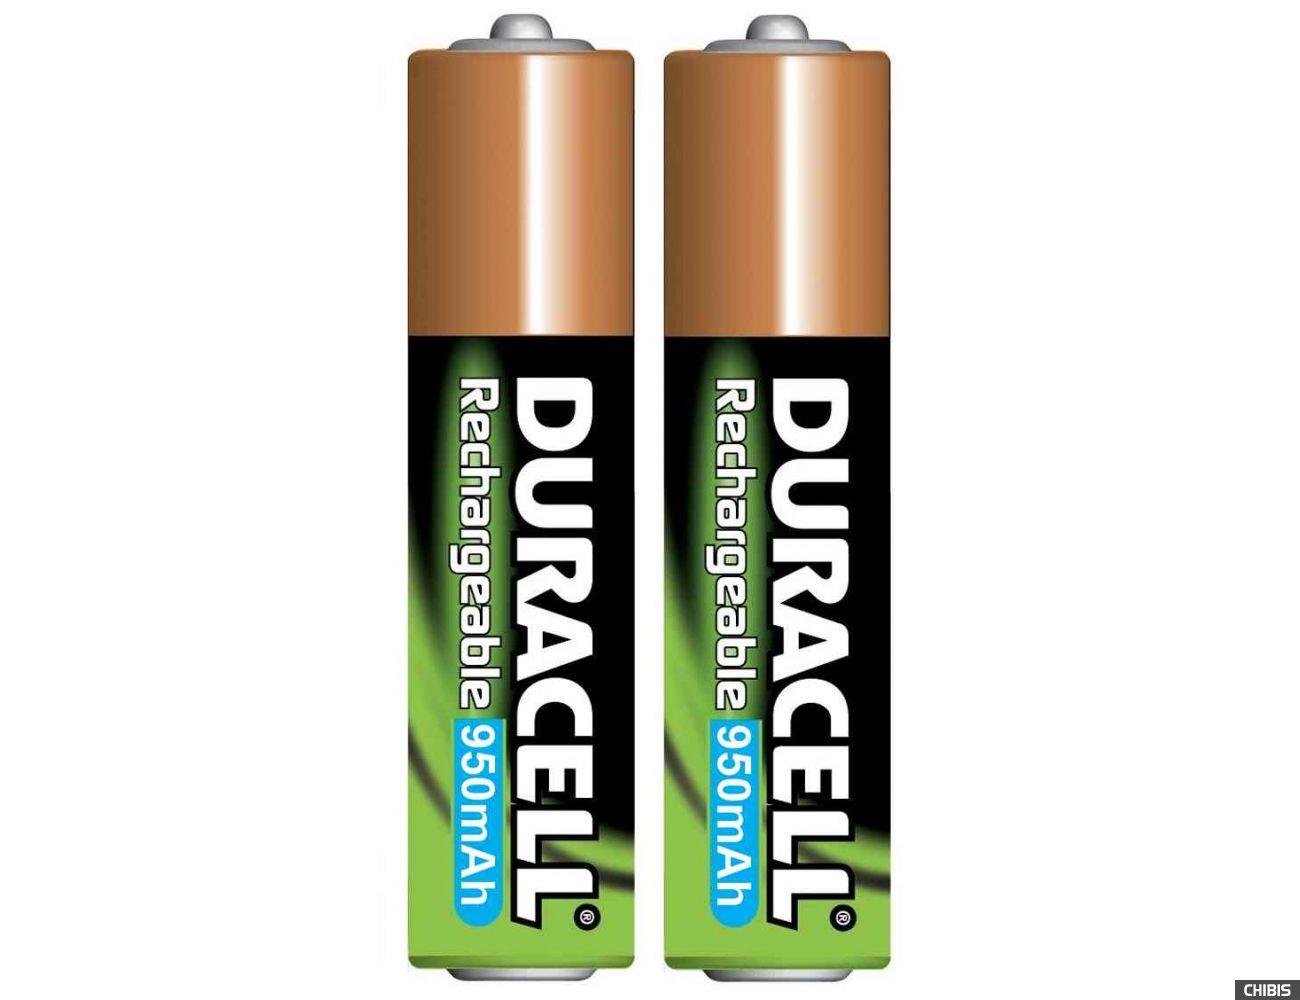 Аккумуляторные батарейки ААА Duracell 950 mAh (HR03, Ni-Mh, 1.2V) 2/2 шт. 5000394099678